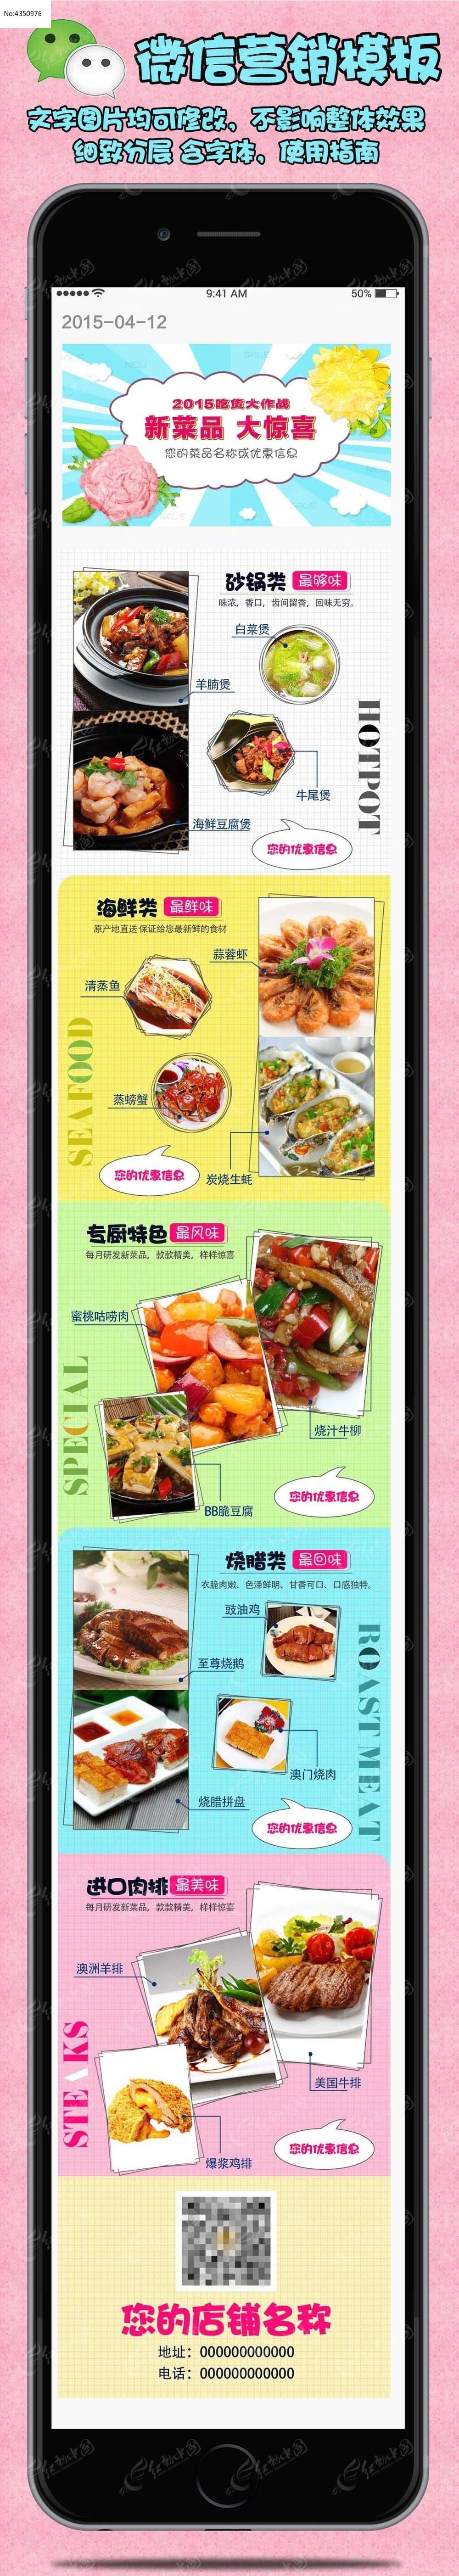 餐饮餐厅微信图文消息psd模板设计